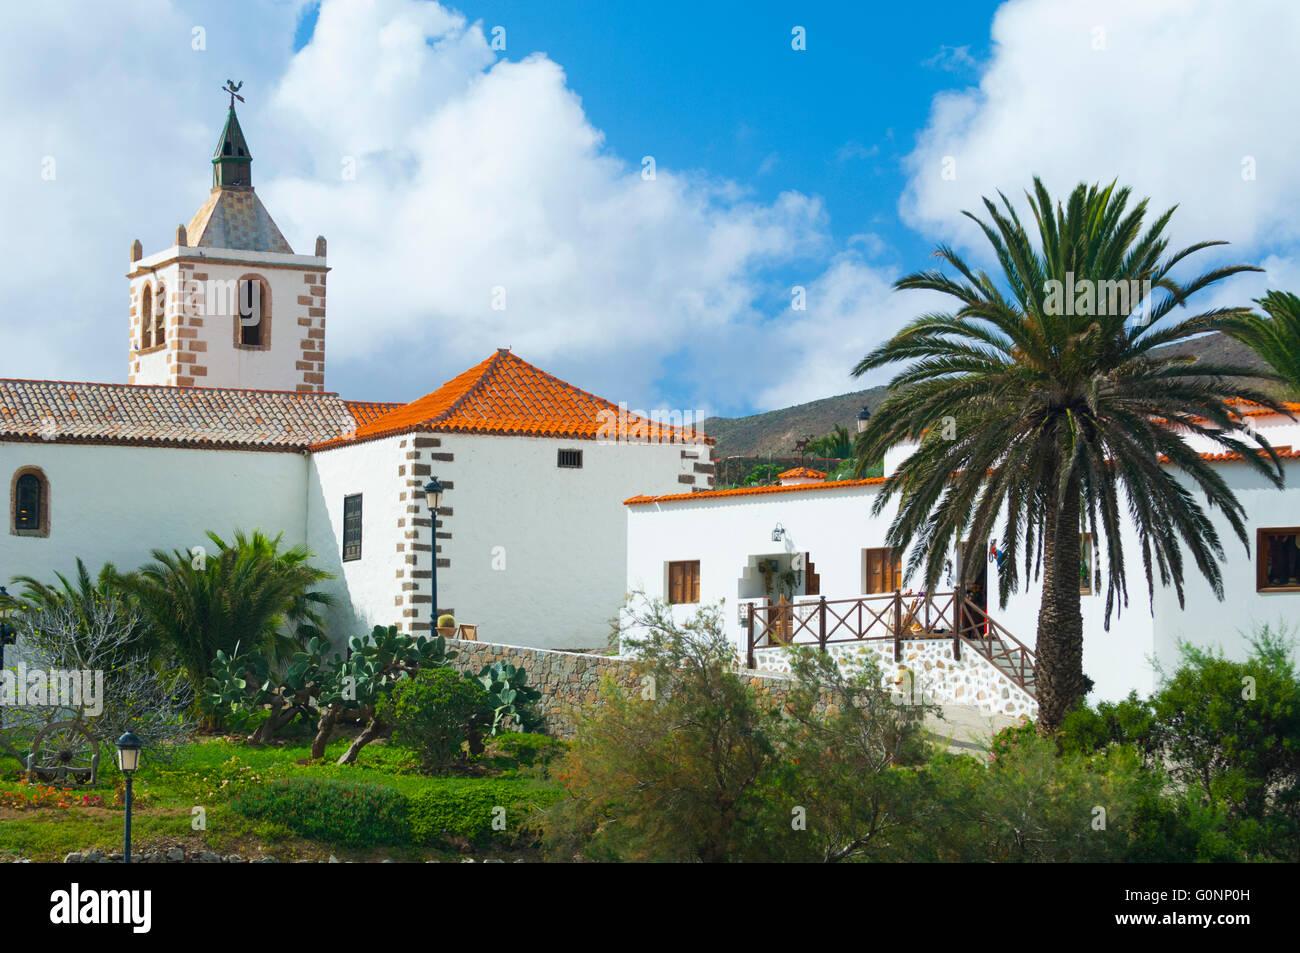 Espagne, Iles Kanarischen Inseln, Fuerteventura, Dorf de Betancuria / / Spanien, Kanarische Inseln, Fuerteventura, Stockfoto